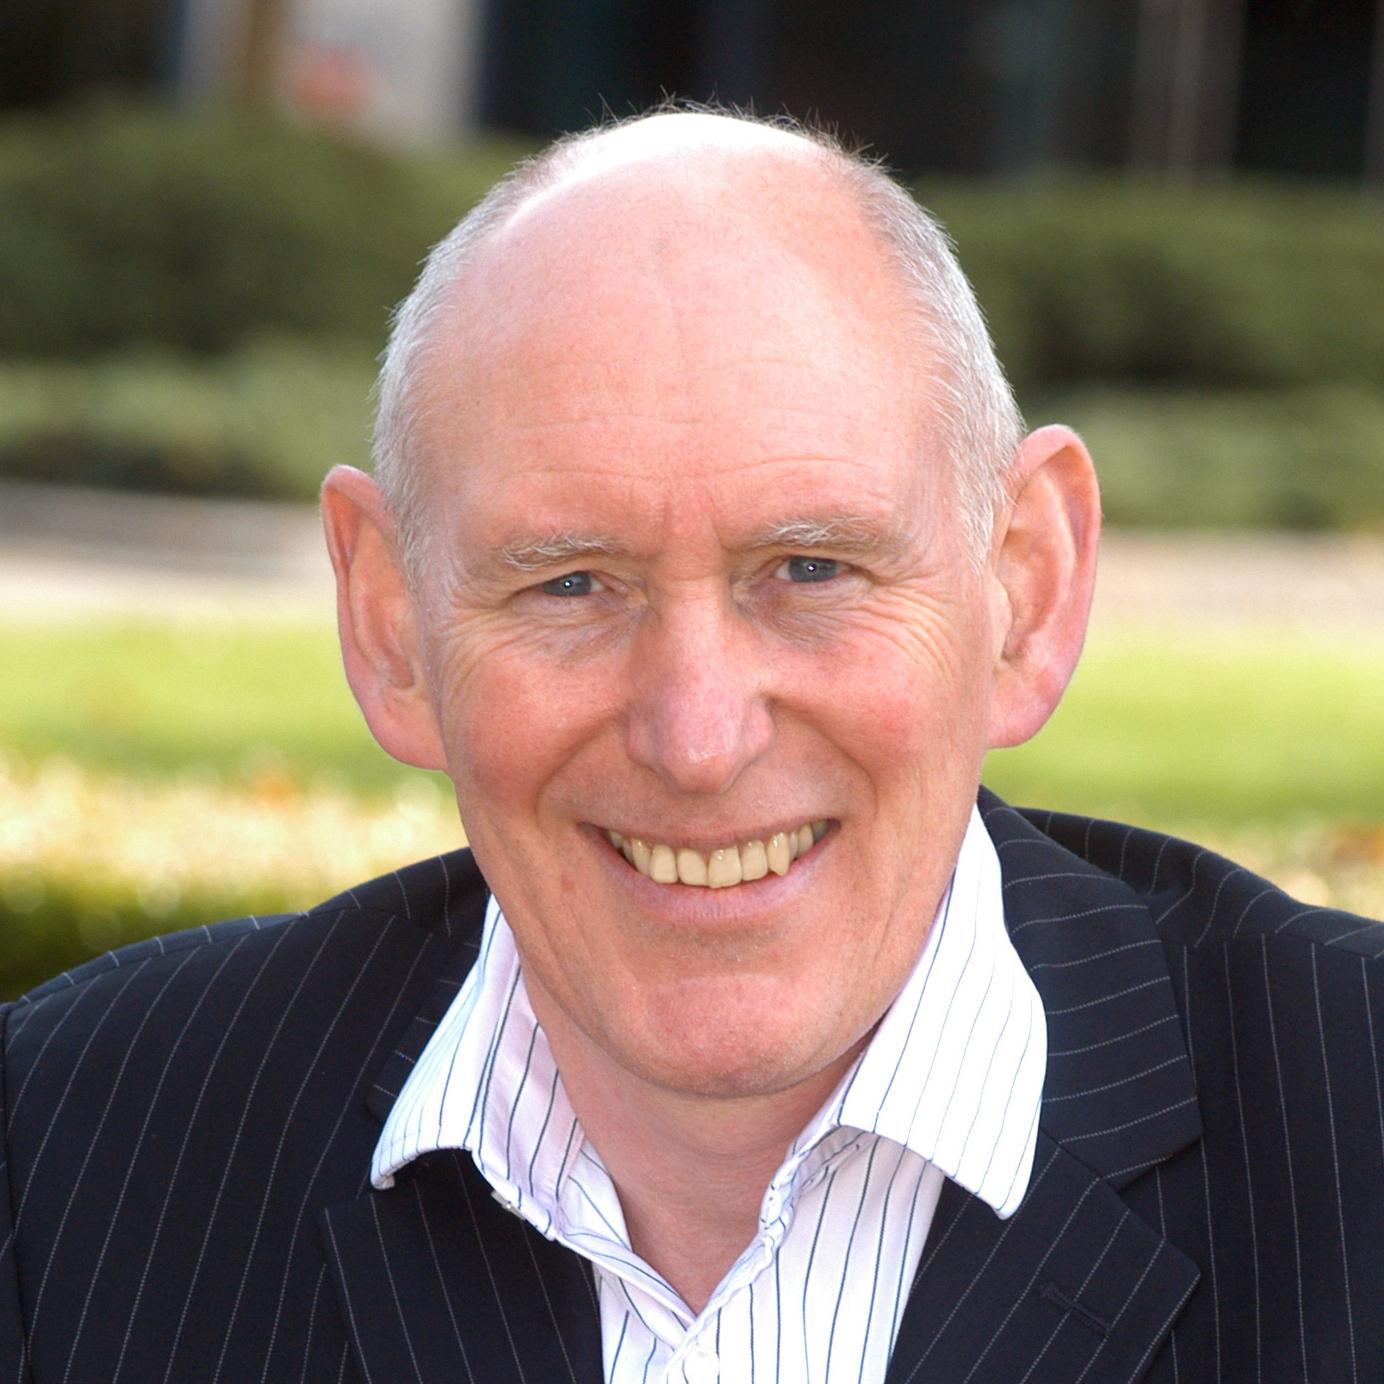 David Cowan